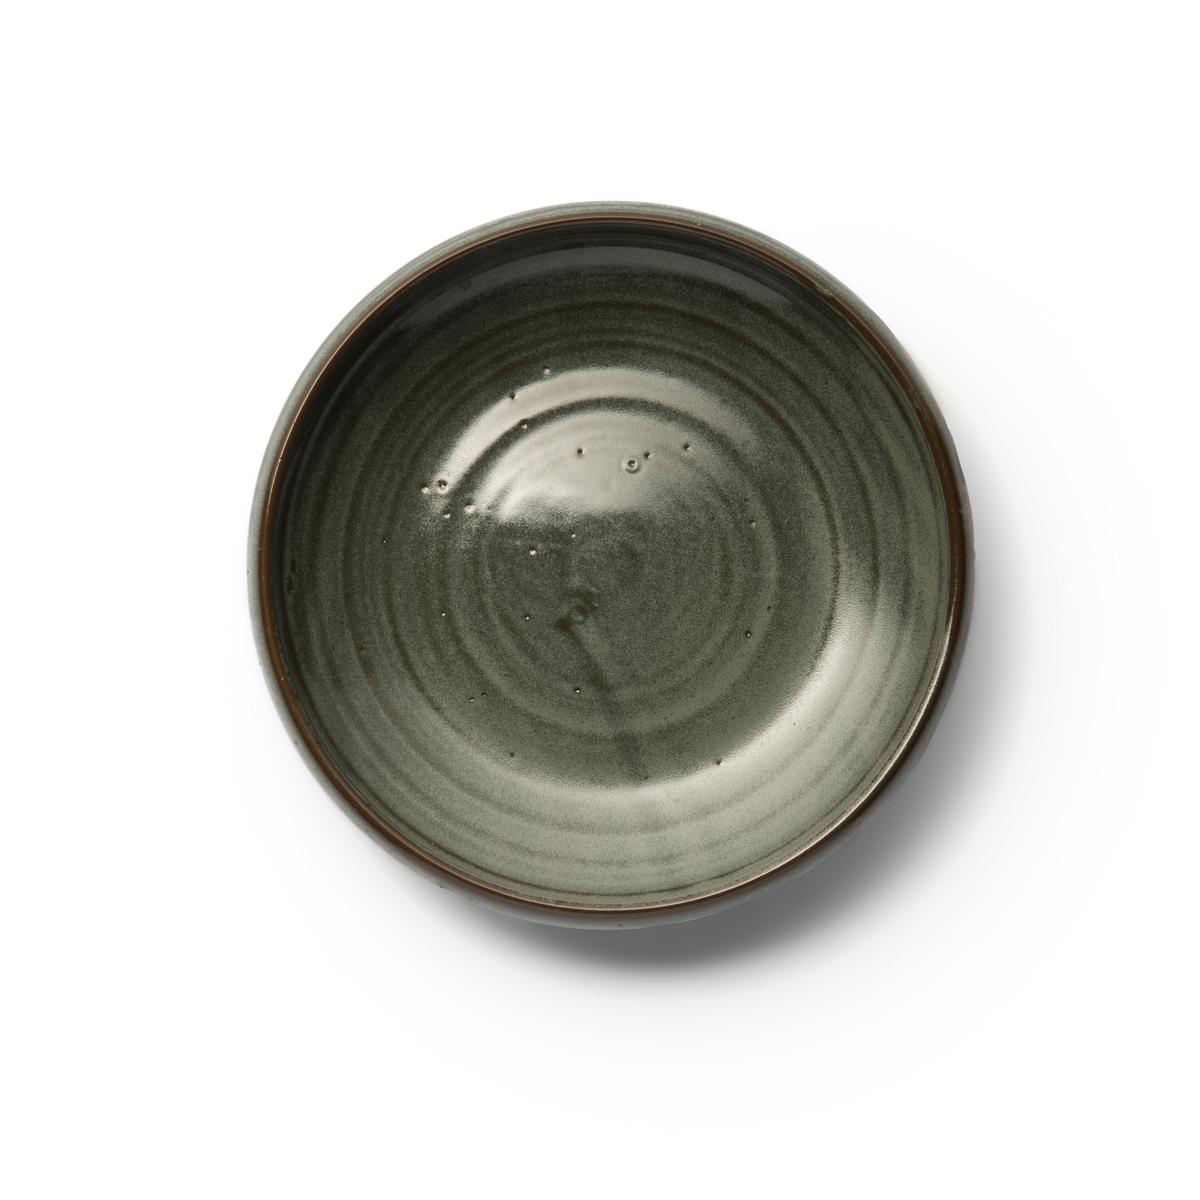 Глубокие La Redoute Тарелки из глазурованной керамики Akira единый размер зеленый чашки la redoute из керамики shima единый размер зеленый